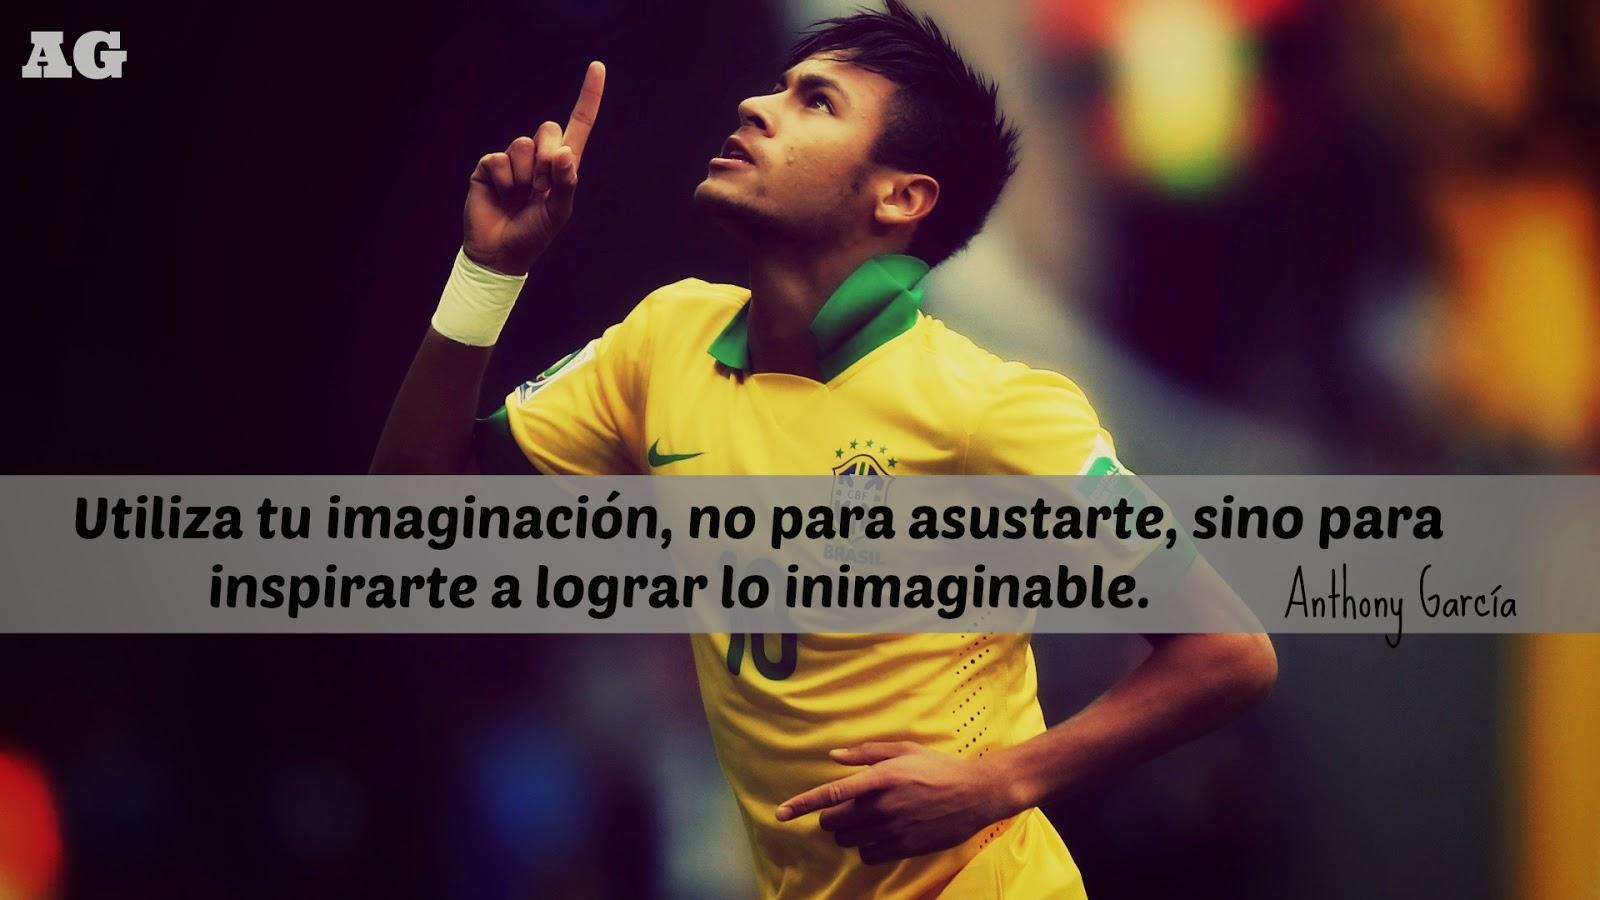 Imagenes Para Facebook De Futbol